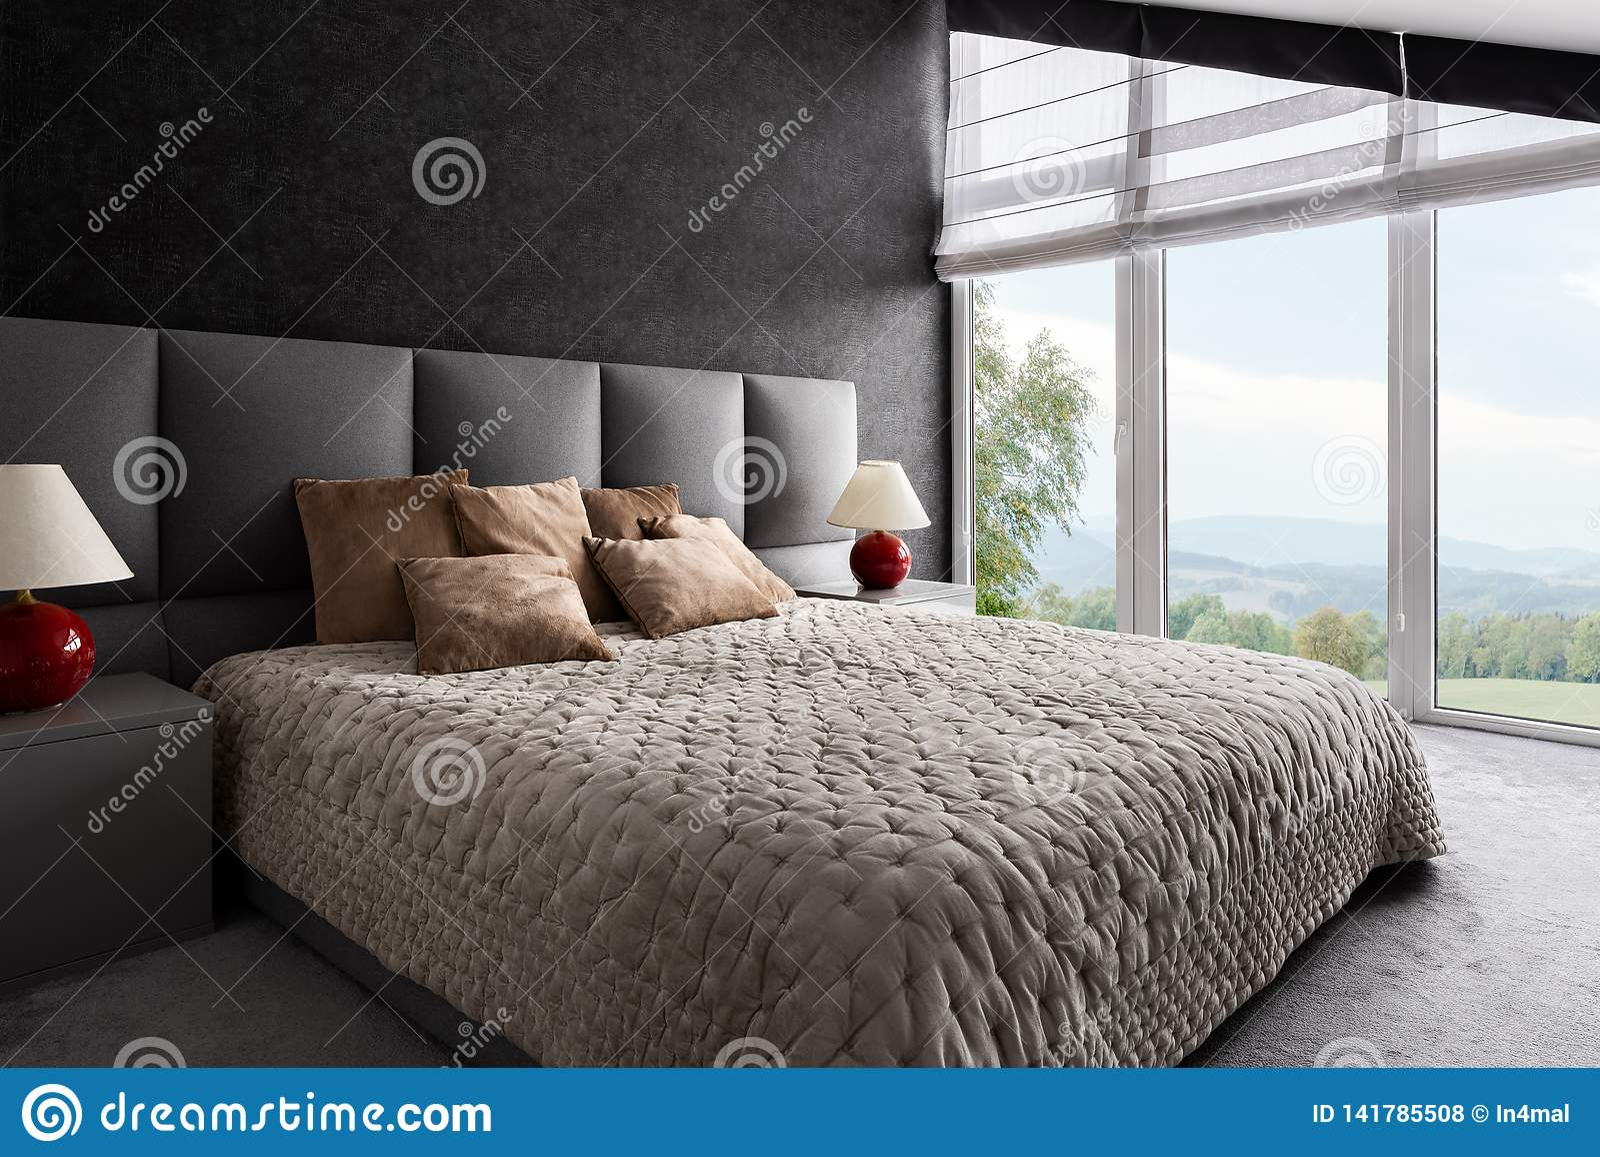 Fancy bedroom with window wall